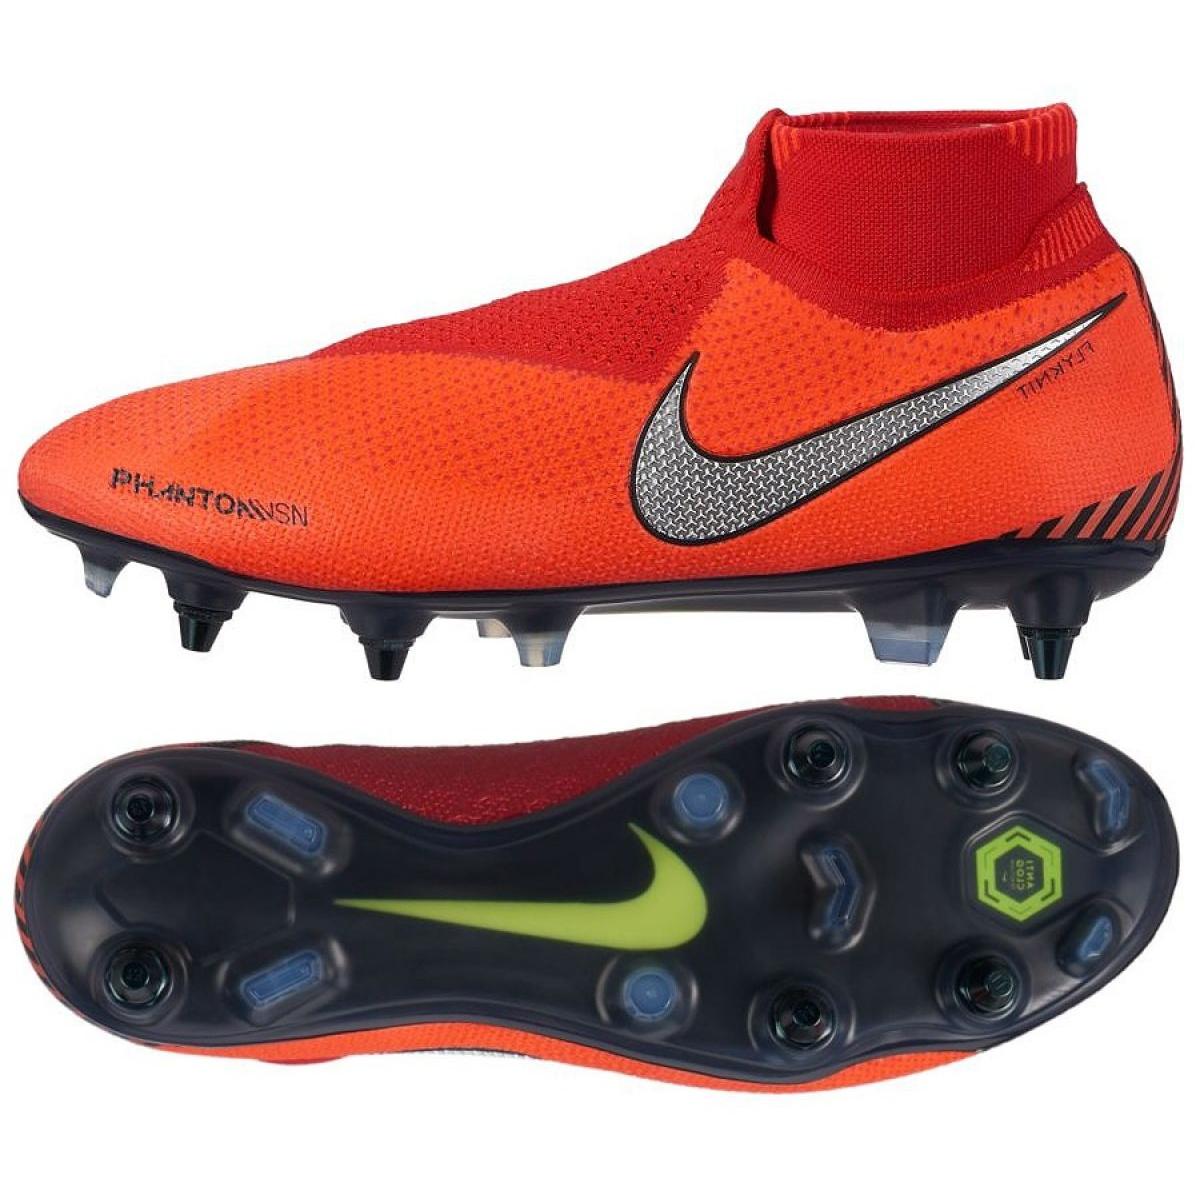 Die Nike Phantom Vsn Elite Df Sg Pro M Ao3264 600 Fussballschuhe Rot Rot